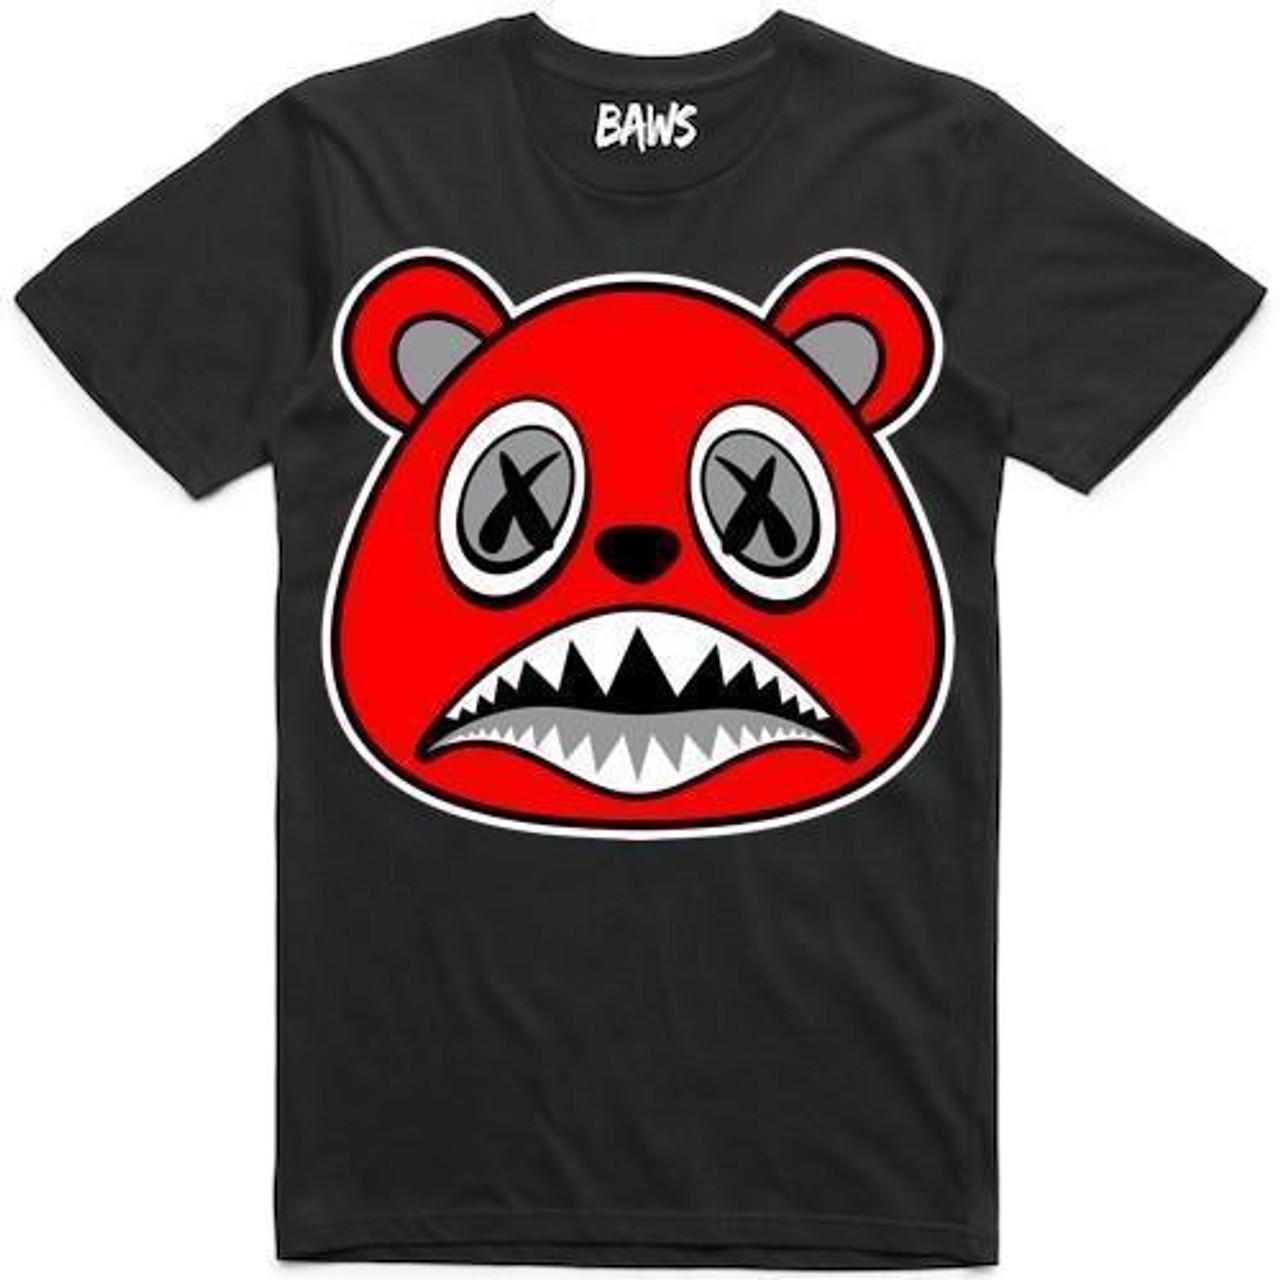 7a4a3e212e8f BAWS Red Bear Black Tee